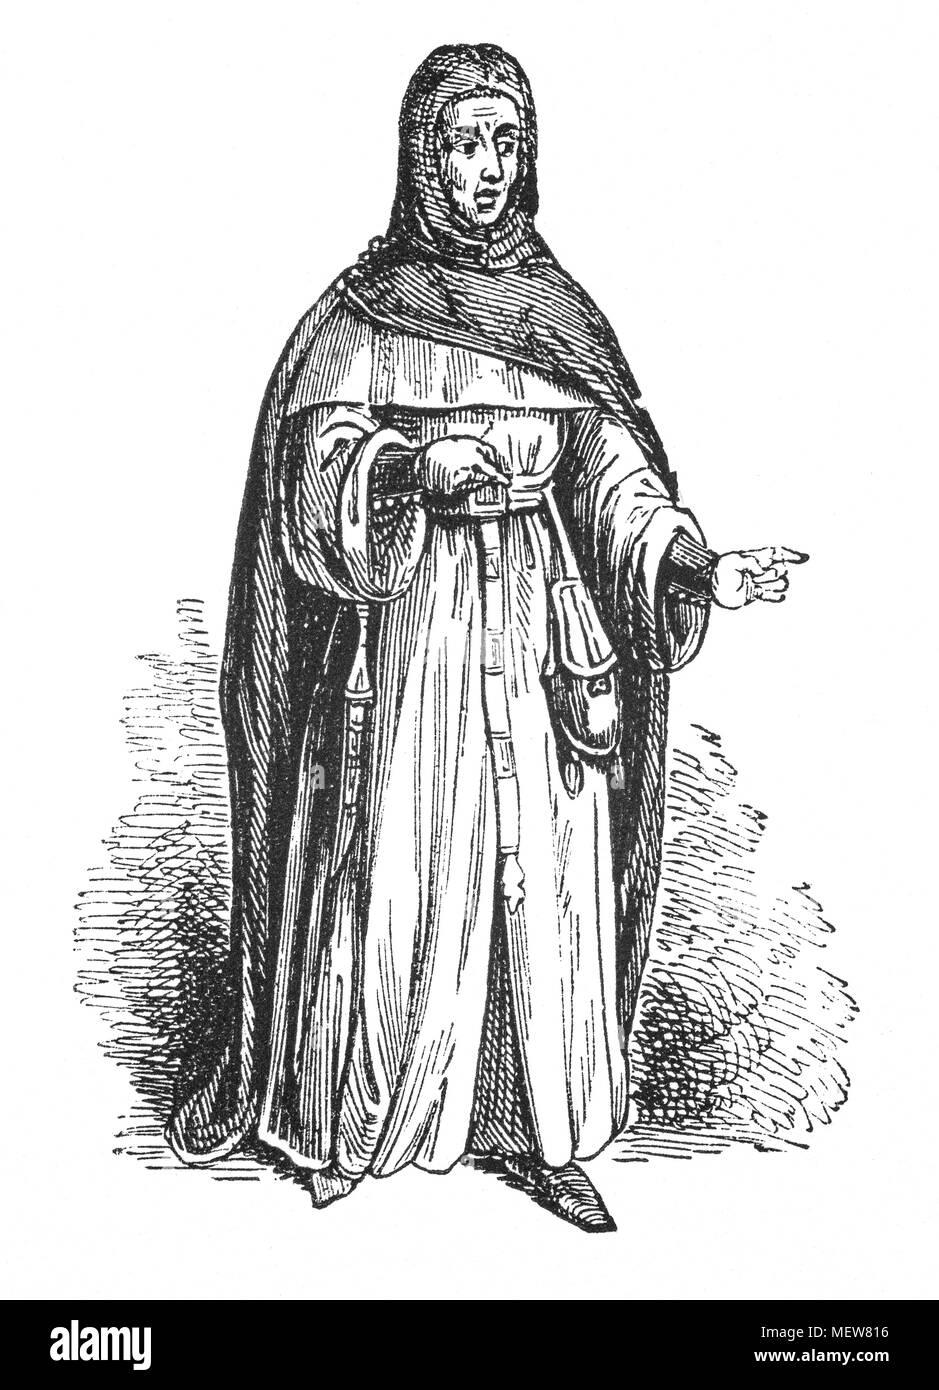 Sir William Gascoigne (1350 - 1419) fu il capo della Giustizia di Inghilterra durante il regno di Re Enrico IV. Egli ha raggiunto fama histotic attraverso il racconto popolare del suo commettendo il Principe del Galles (il futuro Enrico V) al carcere. Si è detto che il giudice aveva indirizzato la punizione di uno del principe riottosi compagni, e il principe, chi era presente e furioso presso la frase, colpito o gravemente offeso il giudice. Gascoigne immediatamente commesso lui in prigione e ha dato il principe una medicazione-down che lo ha indotto a riconoscere la giustizia della frase. Il staory non è mai stato autenticato, Immagini Stock